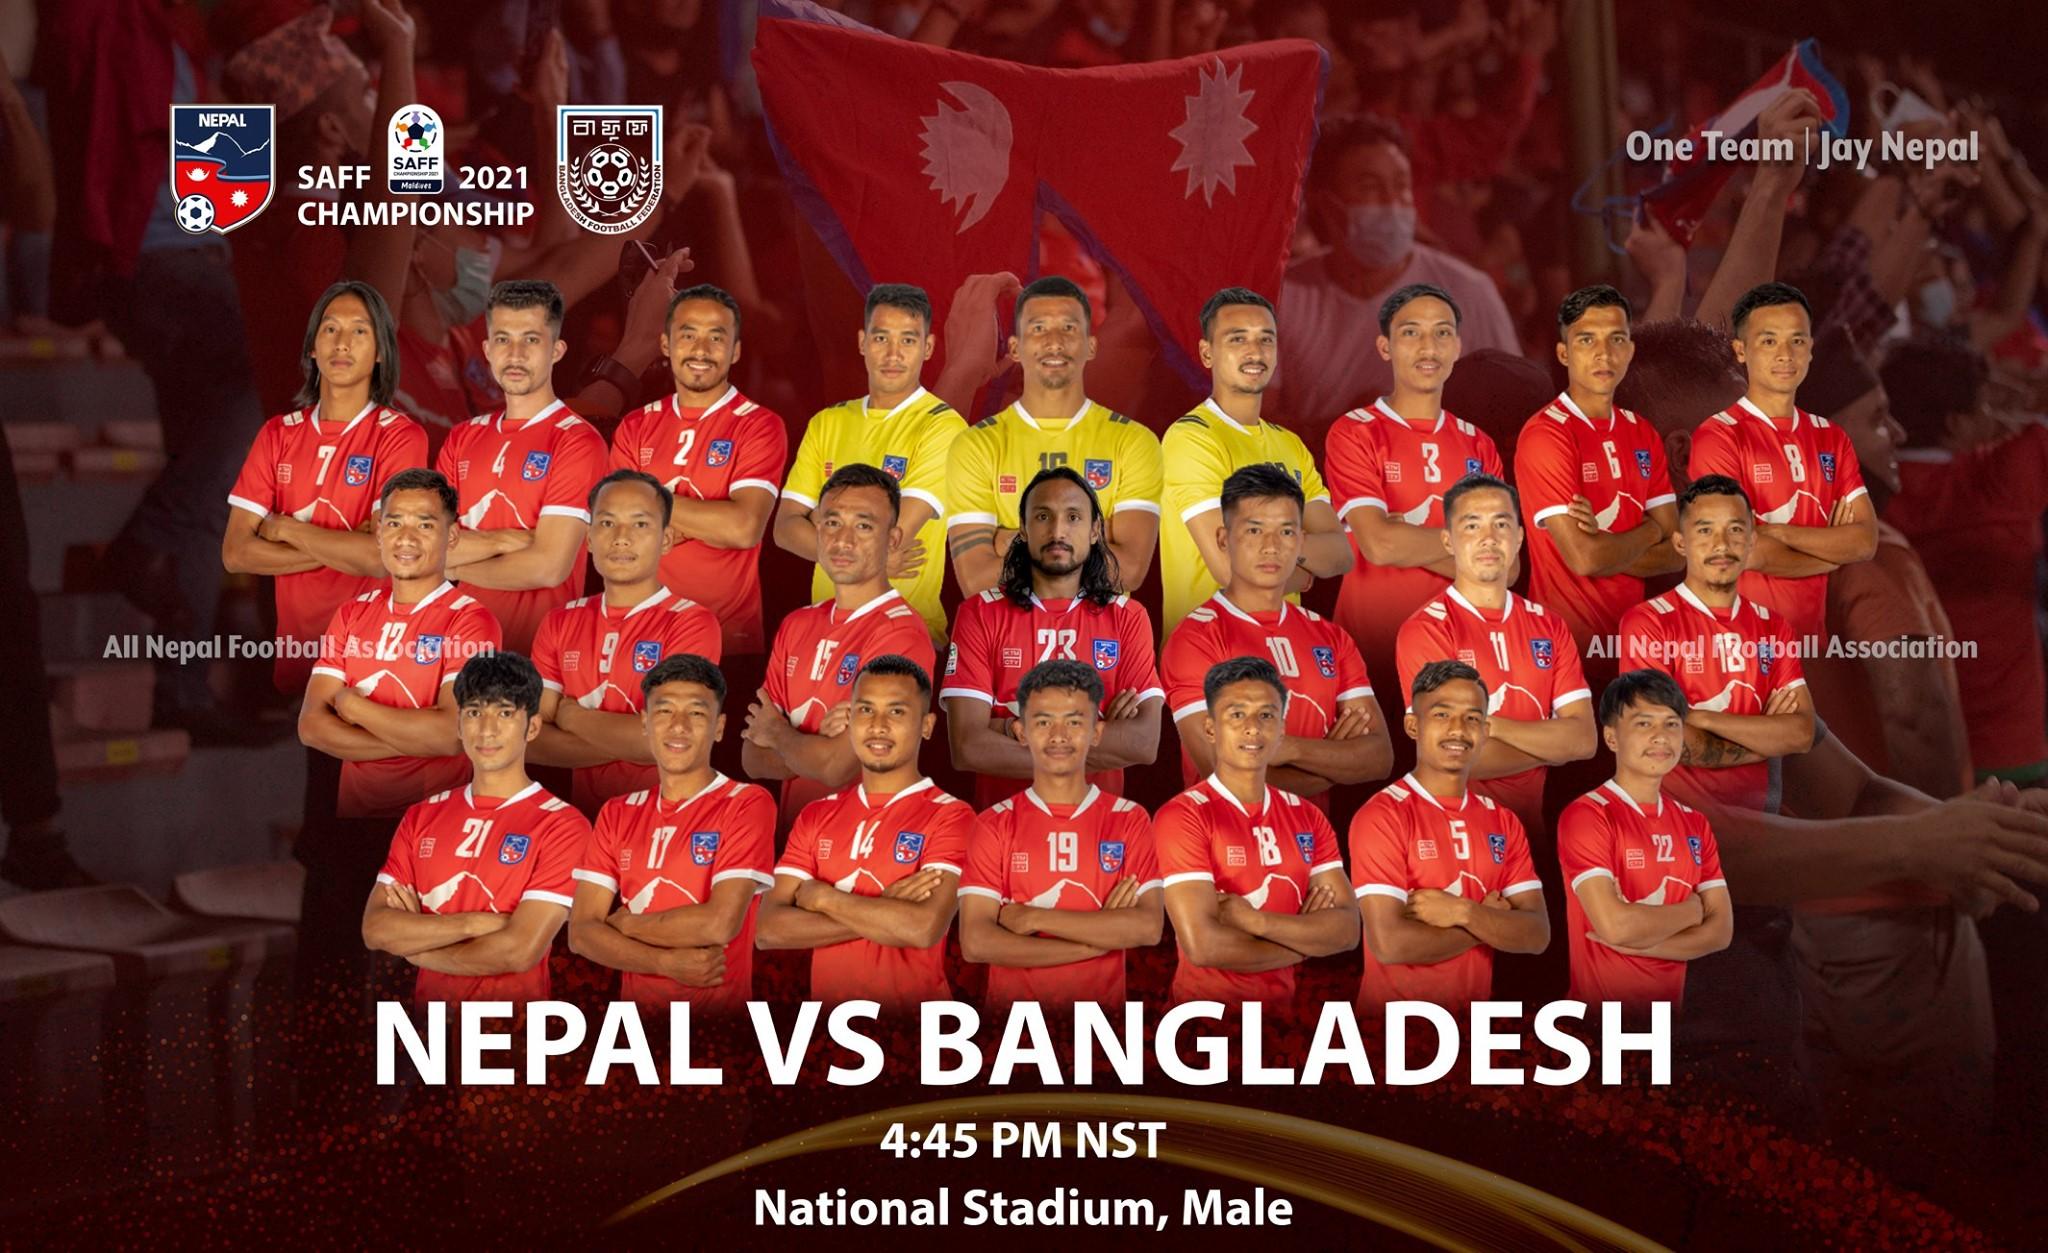 बंगलादेशसँग १४ वर्षदेखि अपराजित नेपाल आज महत्वपूर्ण खेल खेल्दै